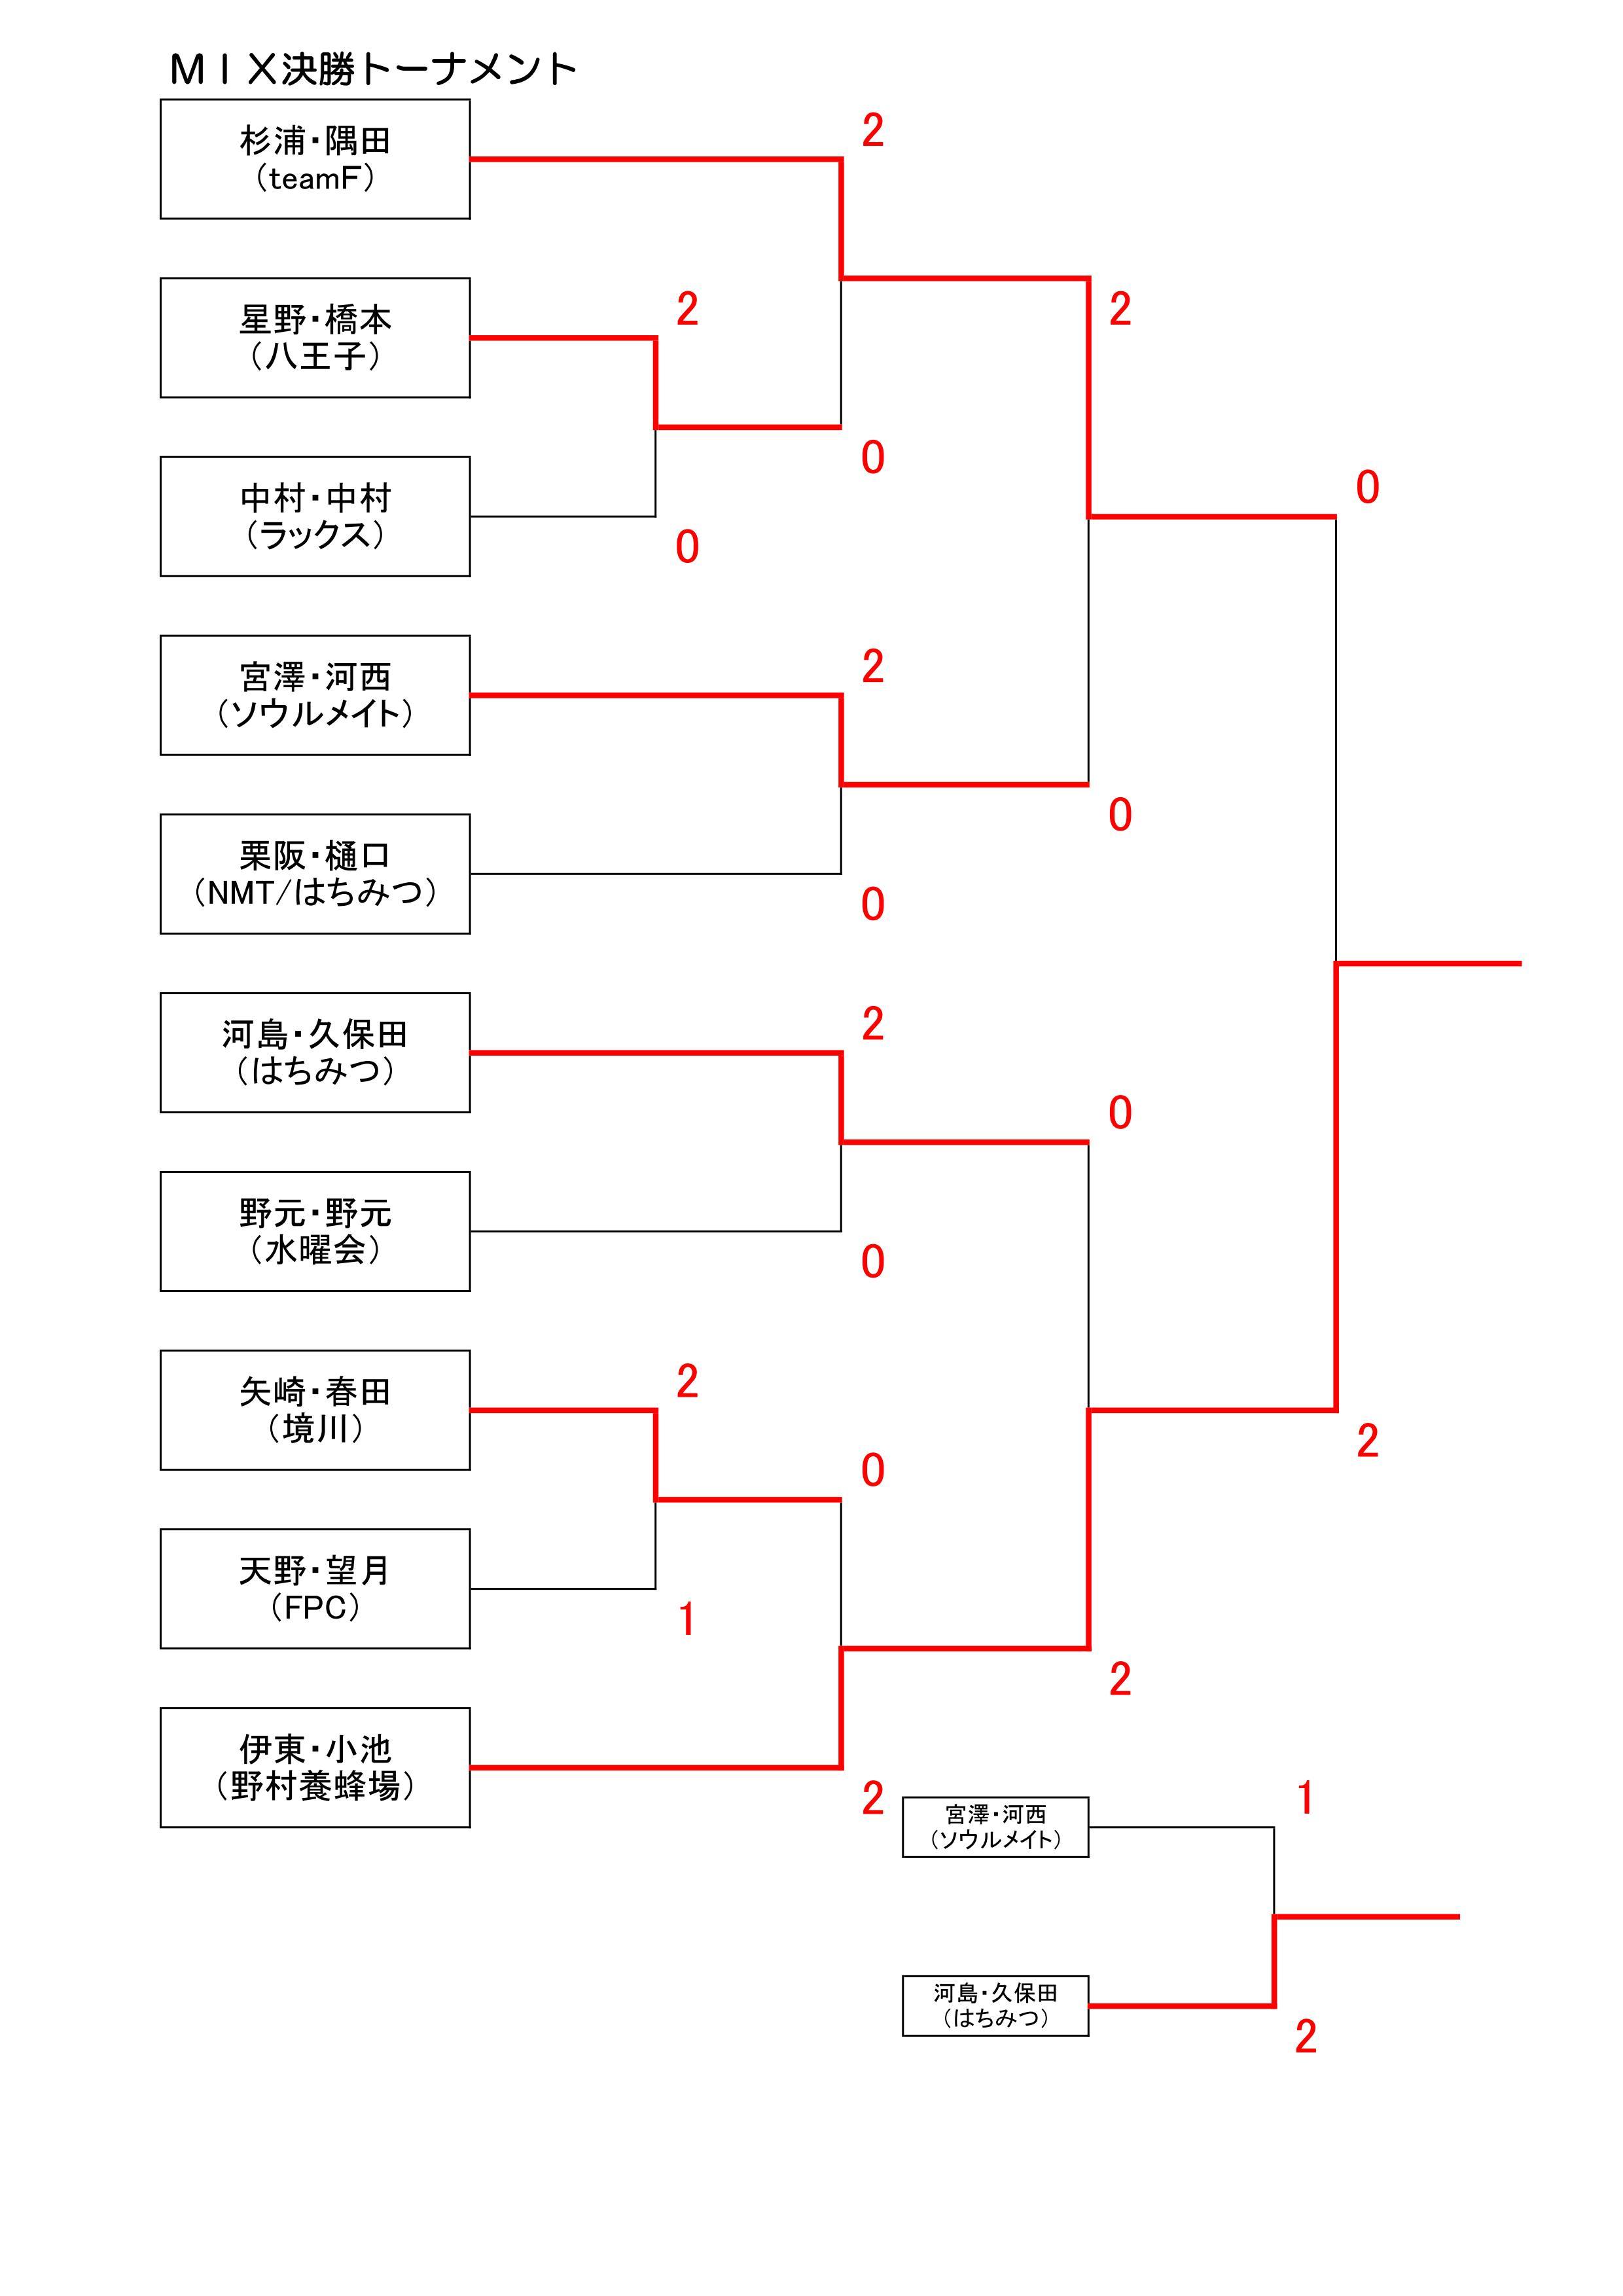 18MIXトーナメント結果